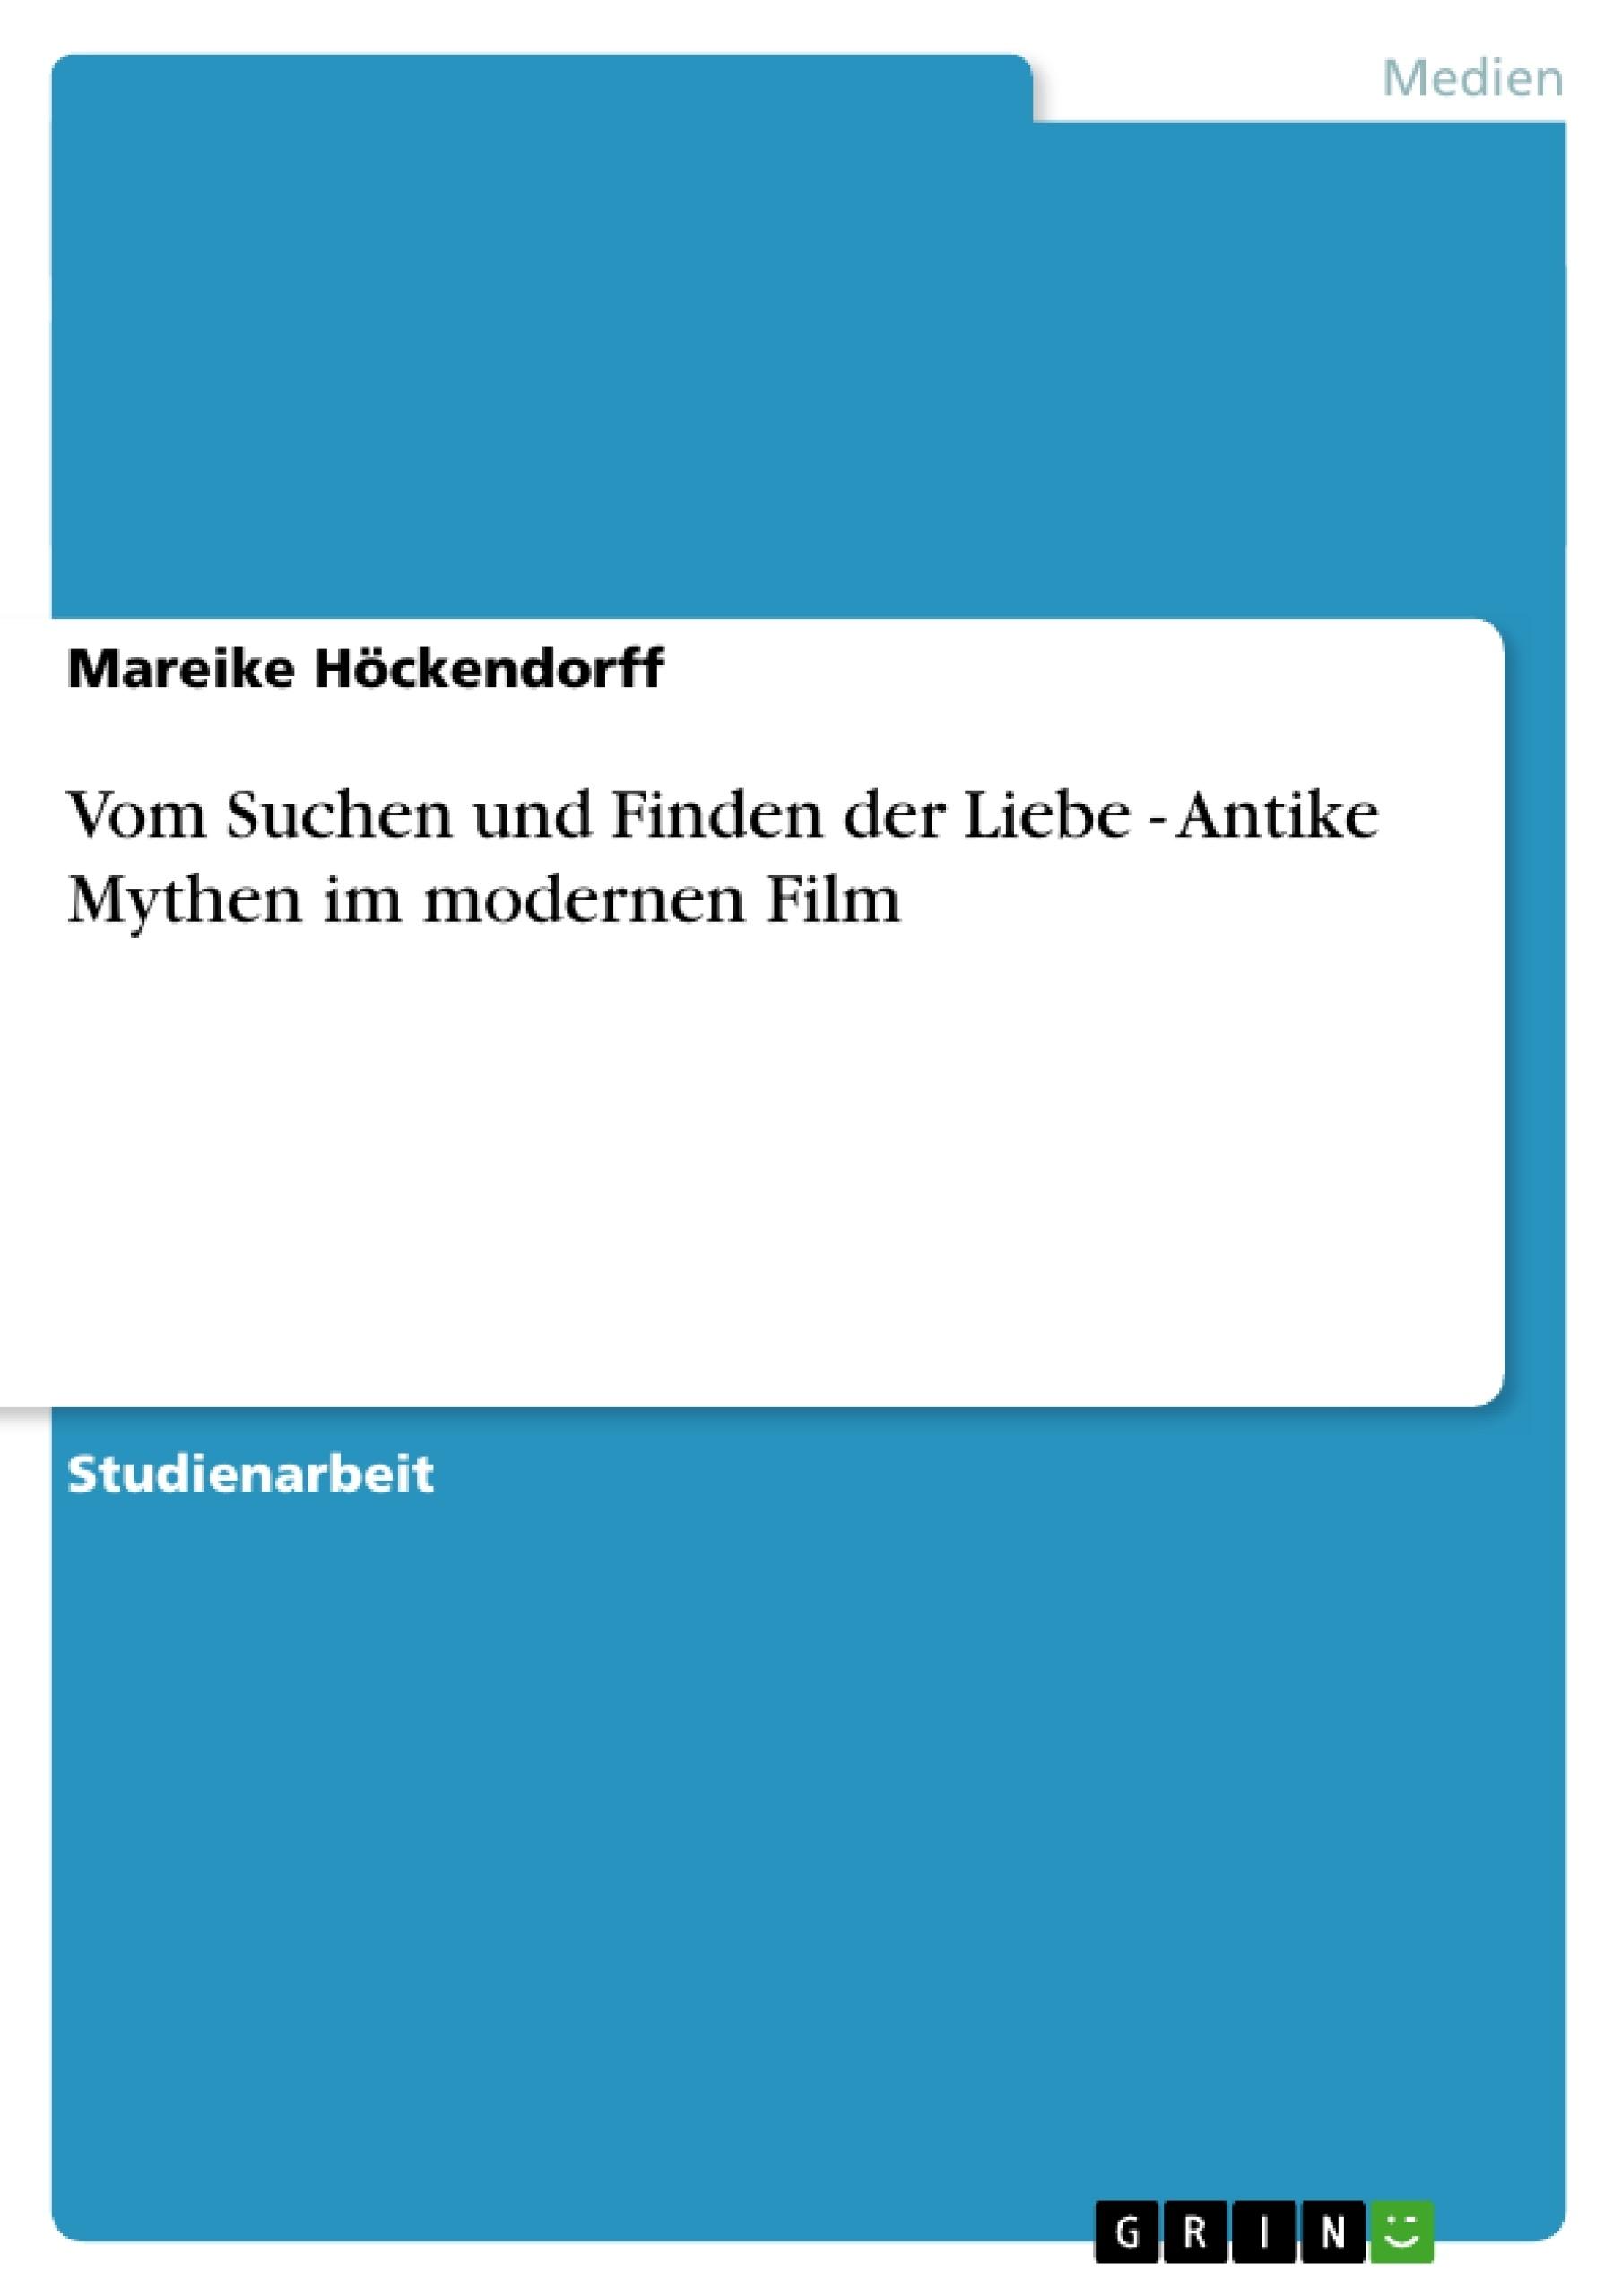 Titel: Vom Suchen und Finden der Liebe - Antike Mythen im modernen Film